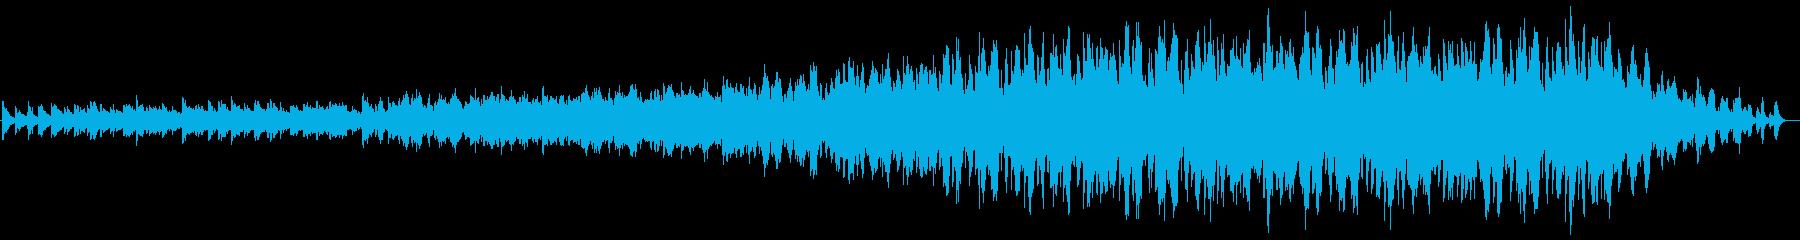 ピアノ5音階5コード5拍子ミニマルの再生済みの波形